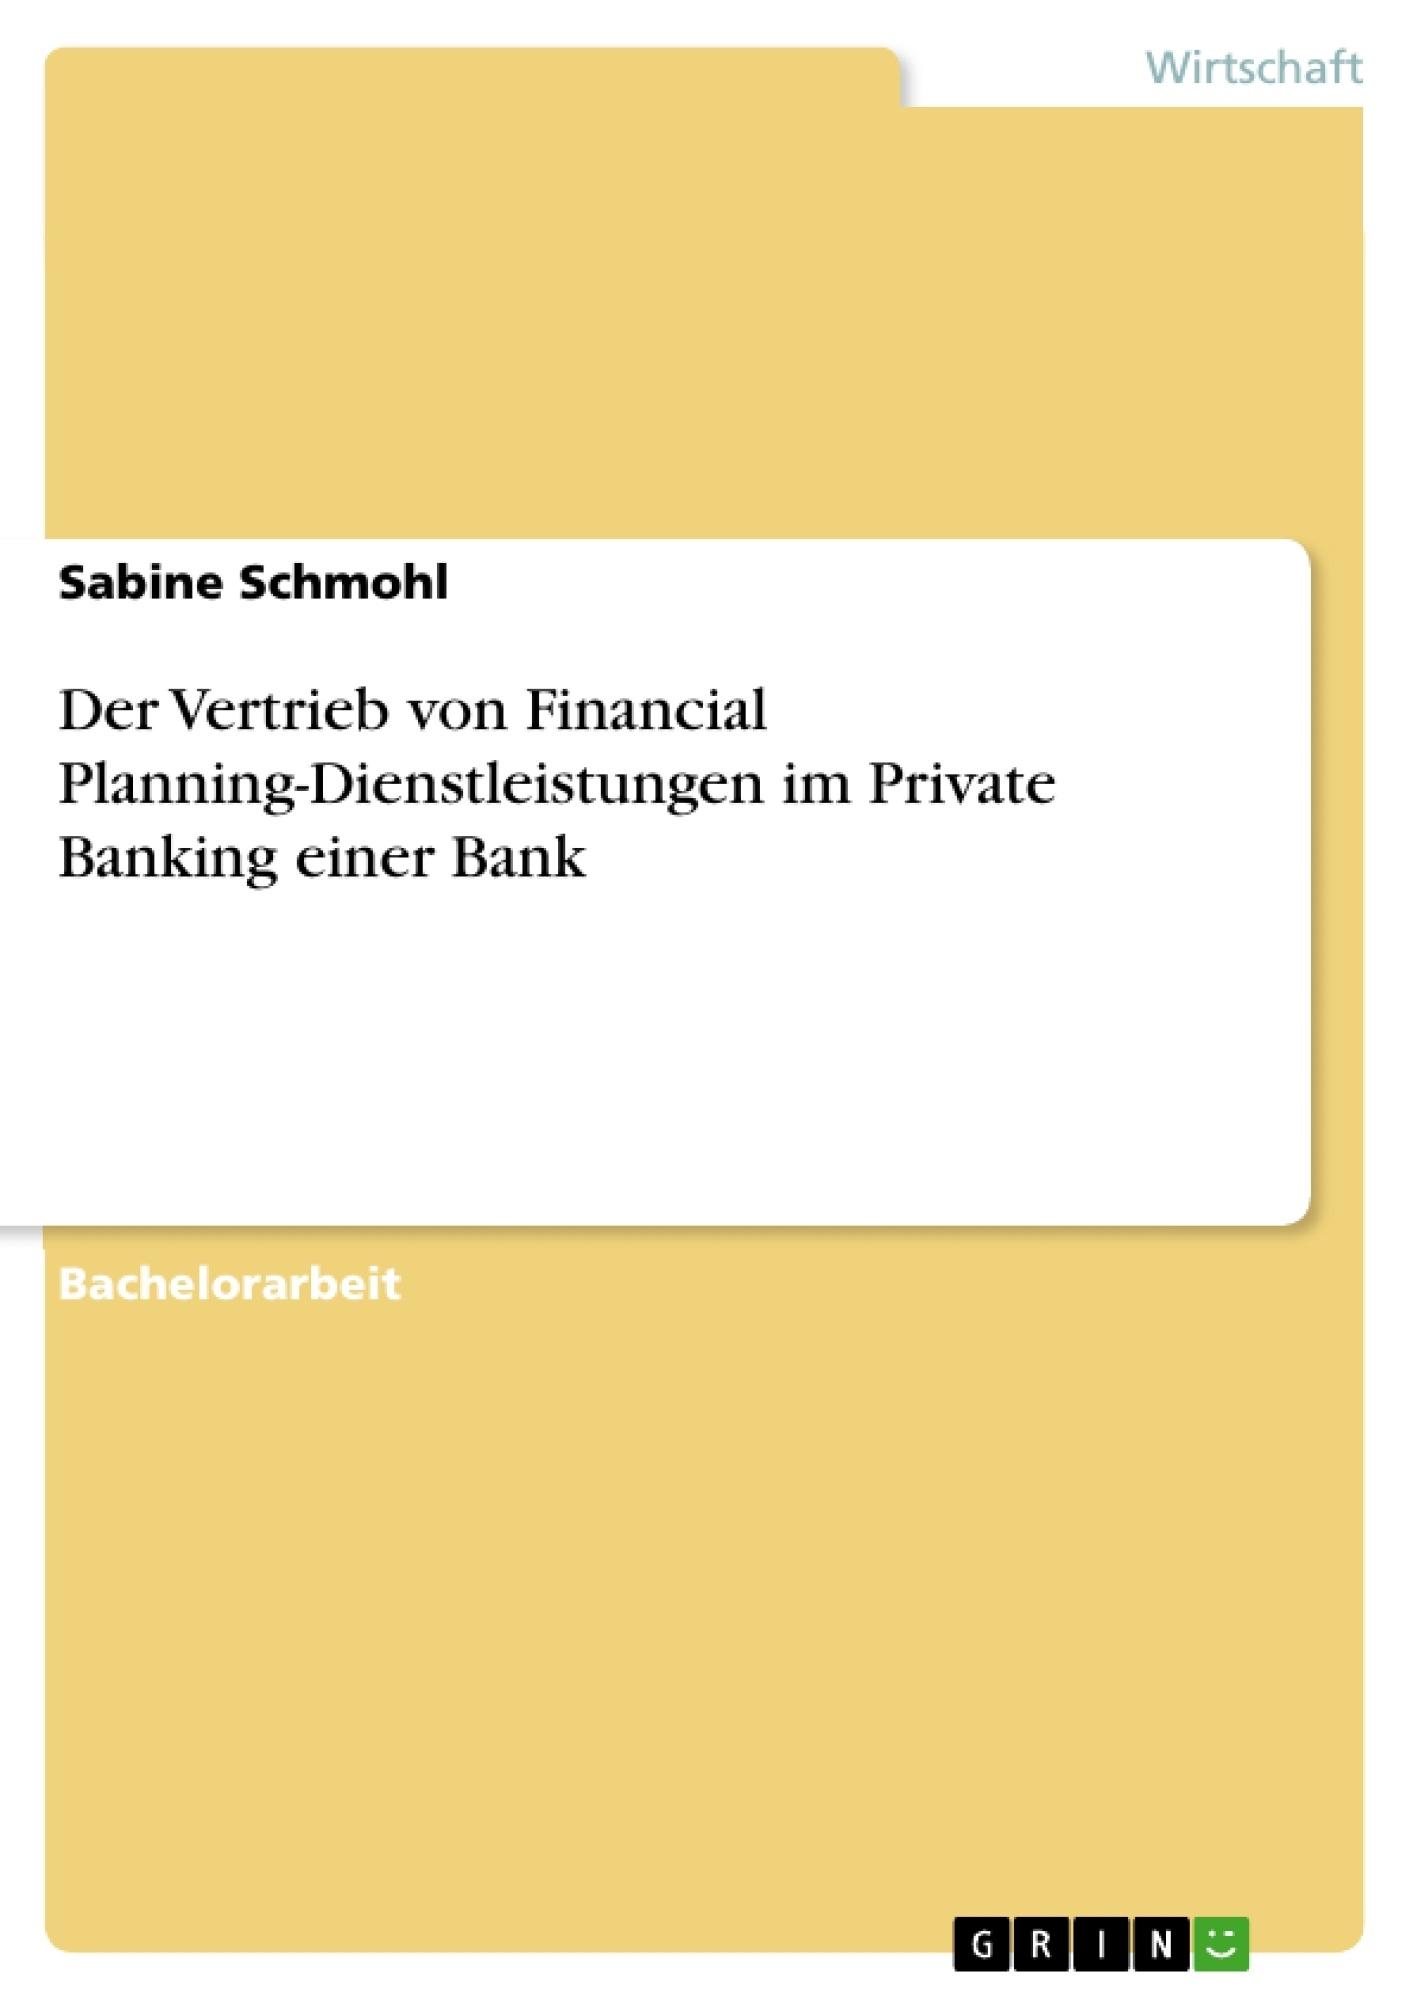 Titel: Der Vertrieb von Financial Planning-Dienstleistungen im Private Banking einer Bank